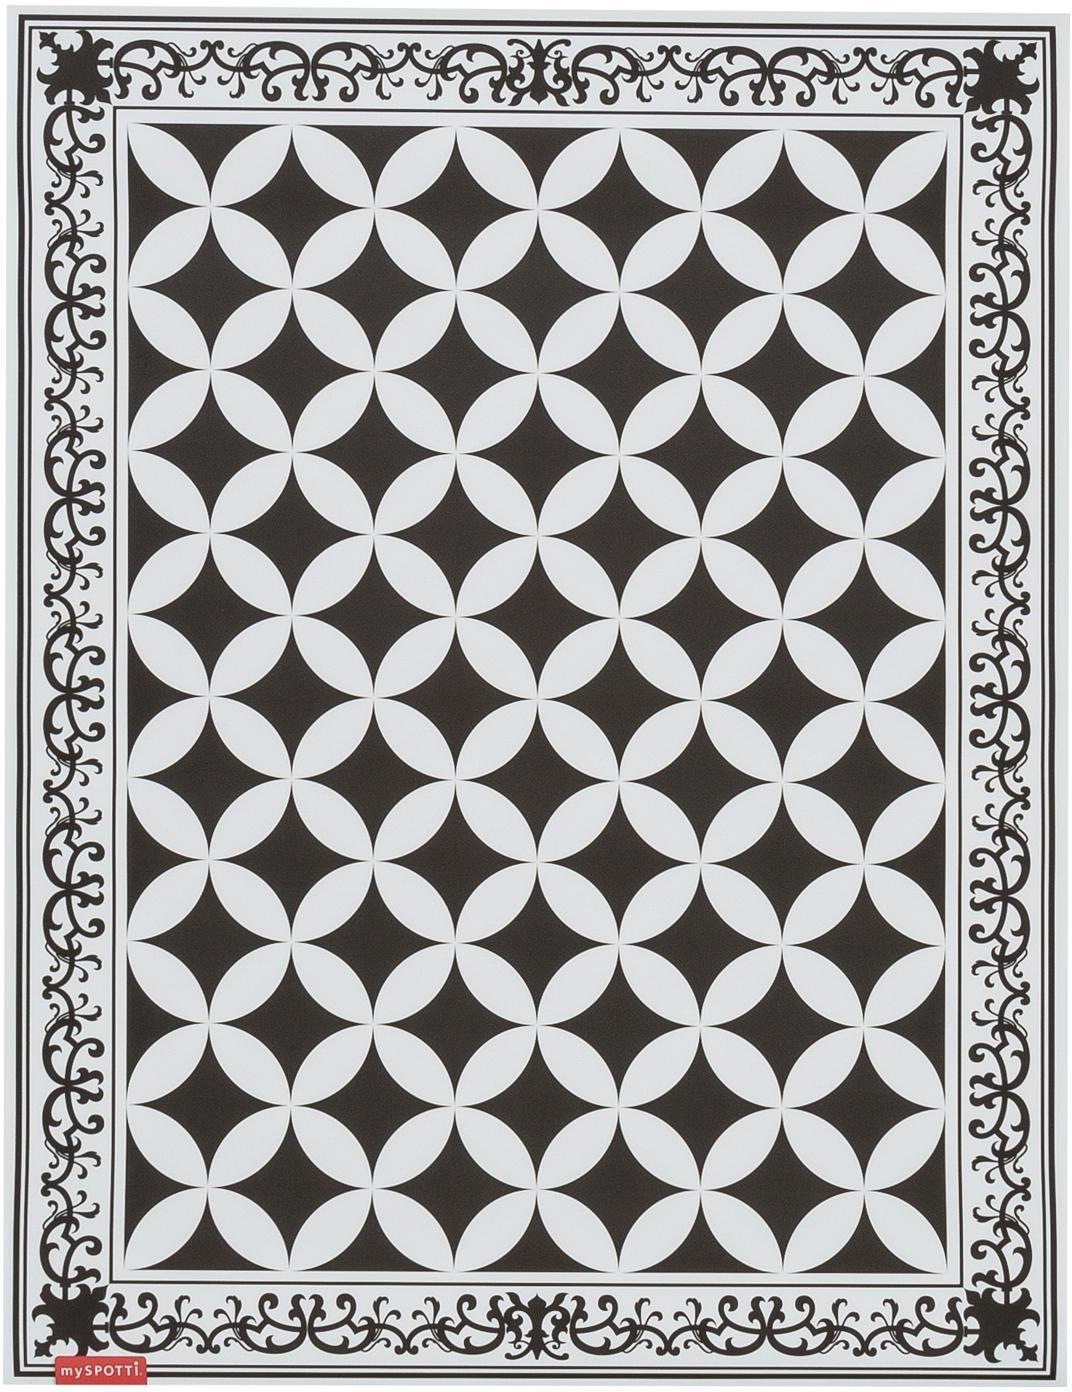 Vinyl-Bodenmatte Chadi, Vinyl, Schwarz, Weiß, 65 x 85 cm